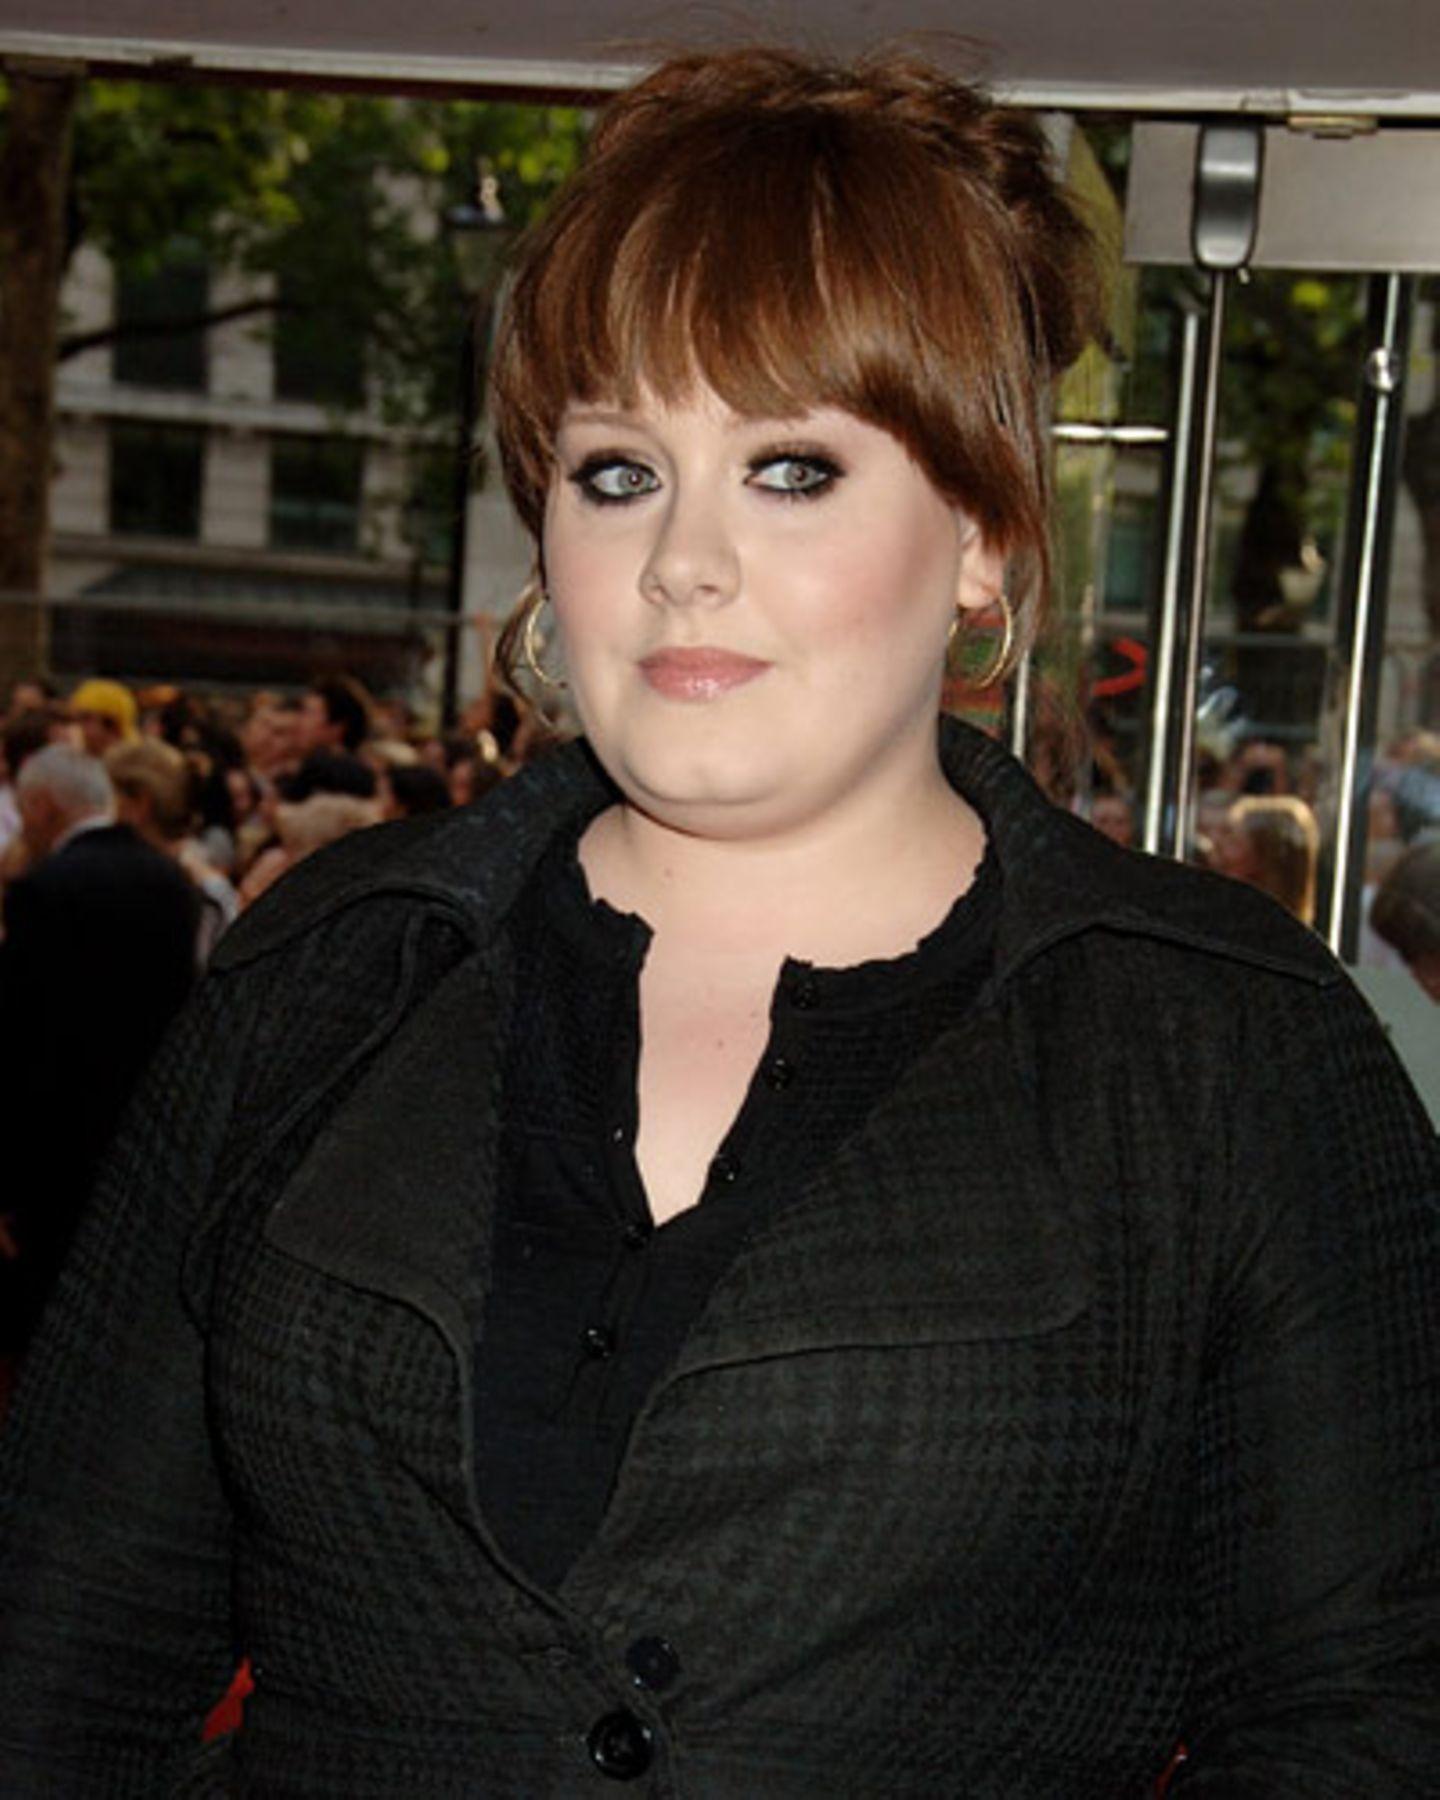 Ein trendiges Flechtwerk am Oberkopf. Adele trägt einen breiten Pony mit abgerundeten Seitenpartien. Der Zopf wurde locker von einer Seite zur anderen gesteckt, aufmüpfige Strähnchen machen den Look cool. Wir finden: eine gute Frisuren-Wahl von Adele, passt zu Kinopremieren wie Kaffeeklatsch. Mehr bei BRIGITTE-woman.de: Test: Was verrät Ihre Frisur über Sie? Frisuren-Klassiker: Zeitlos schön Frisuren für ein rundes Gesicht Stars ungeschminkt auf Vip.de